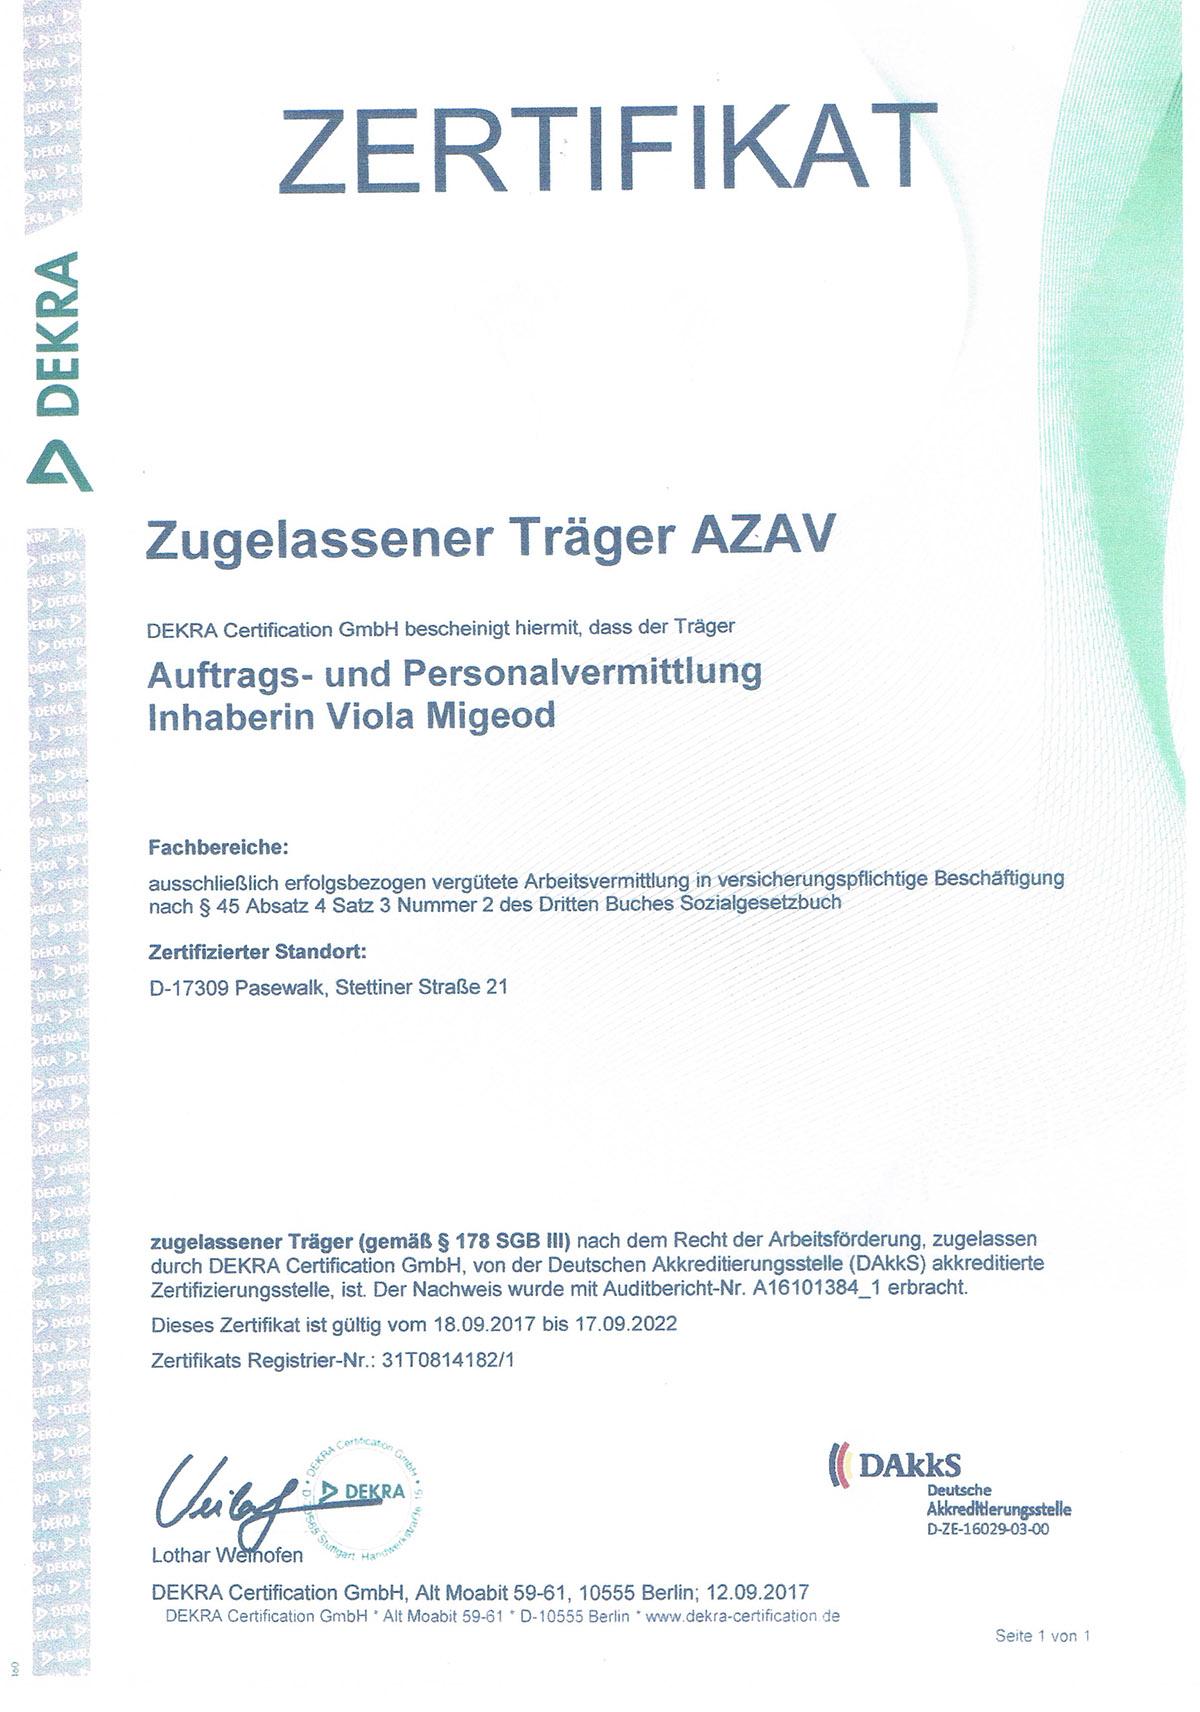 Zugelassener Träger AZAV